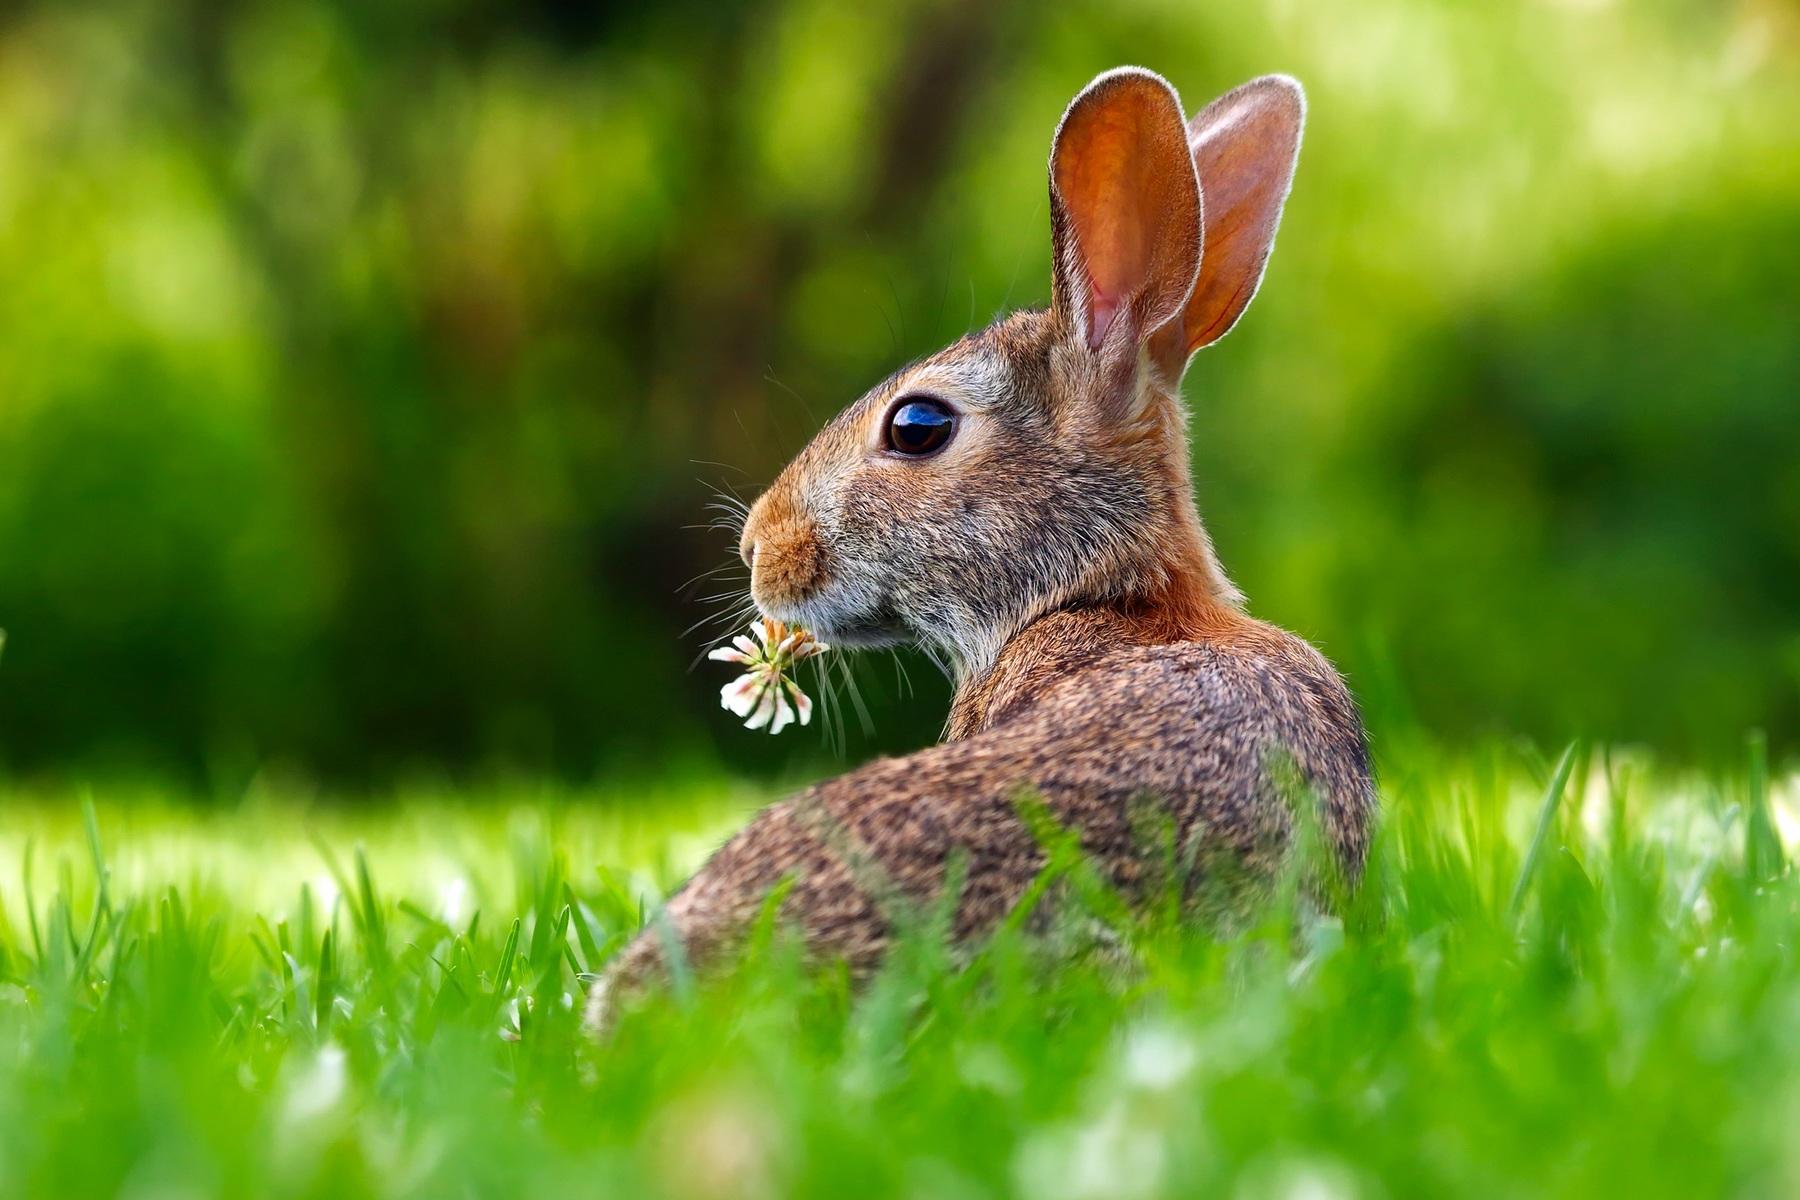 download wallpaper: konijn met een klaverbloem wallpaper